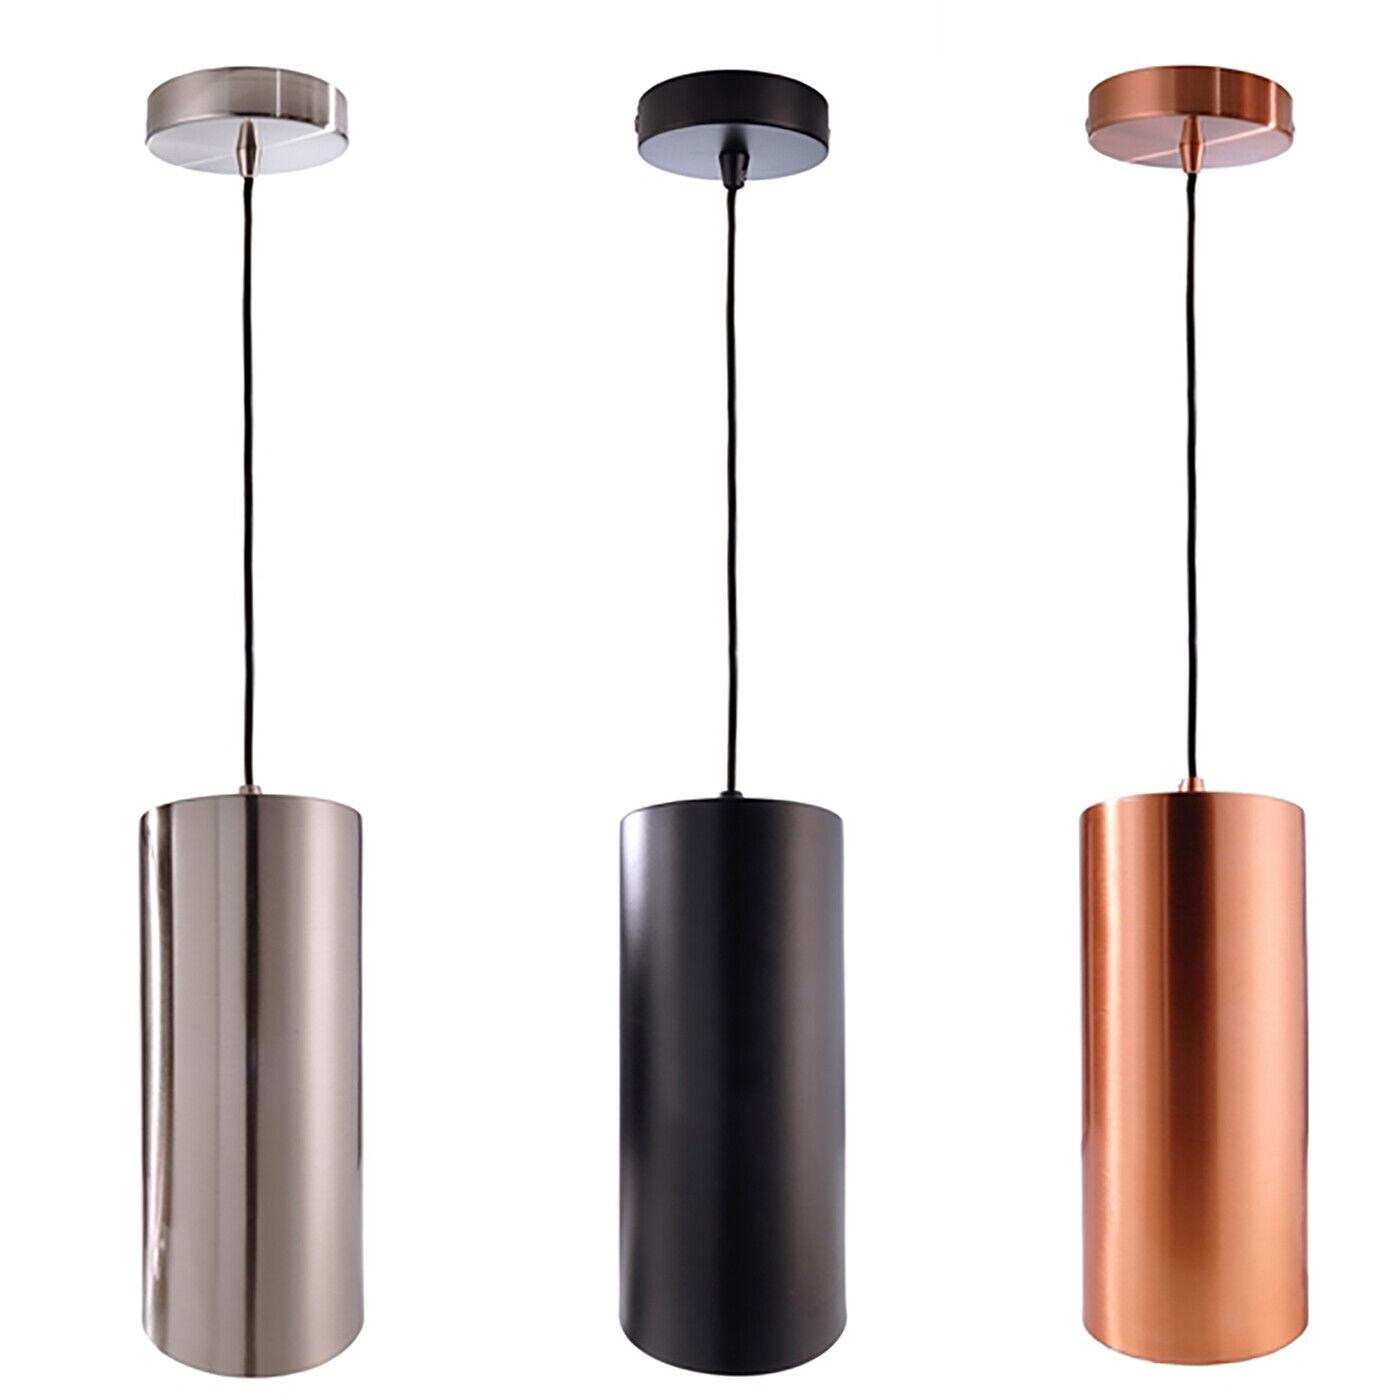 Lampadario pendente moderno cilindro sospensione lampada led soffitto E27 220V